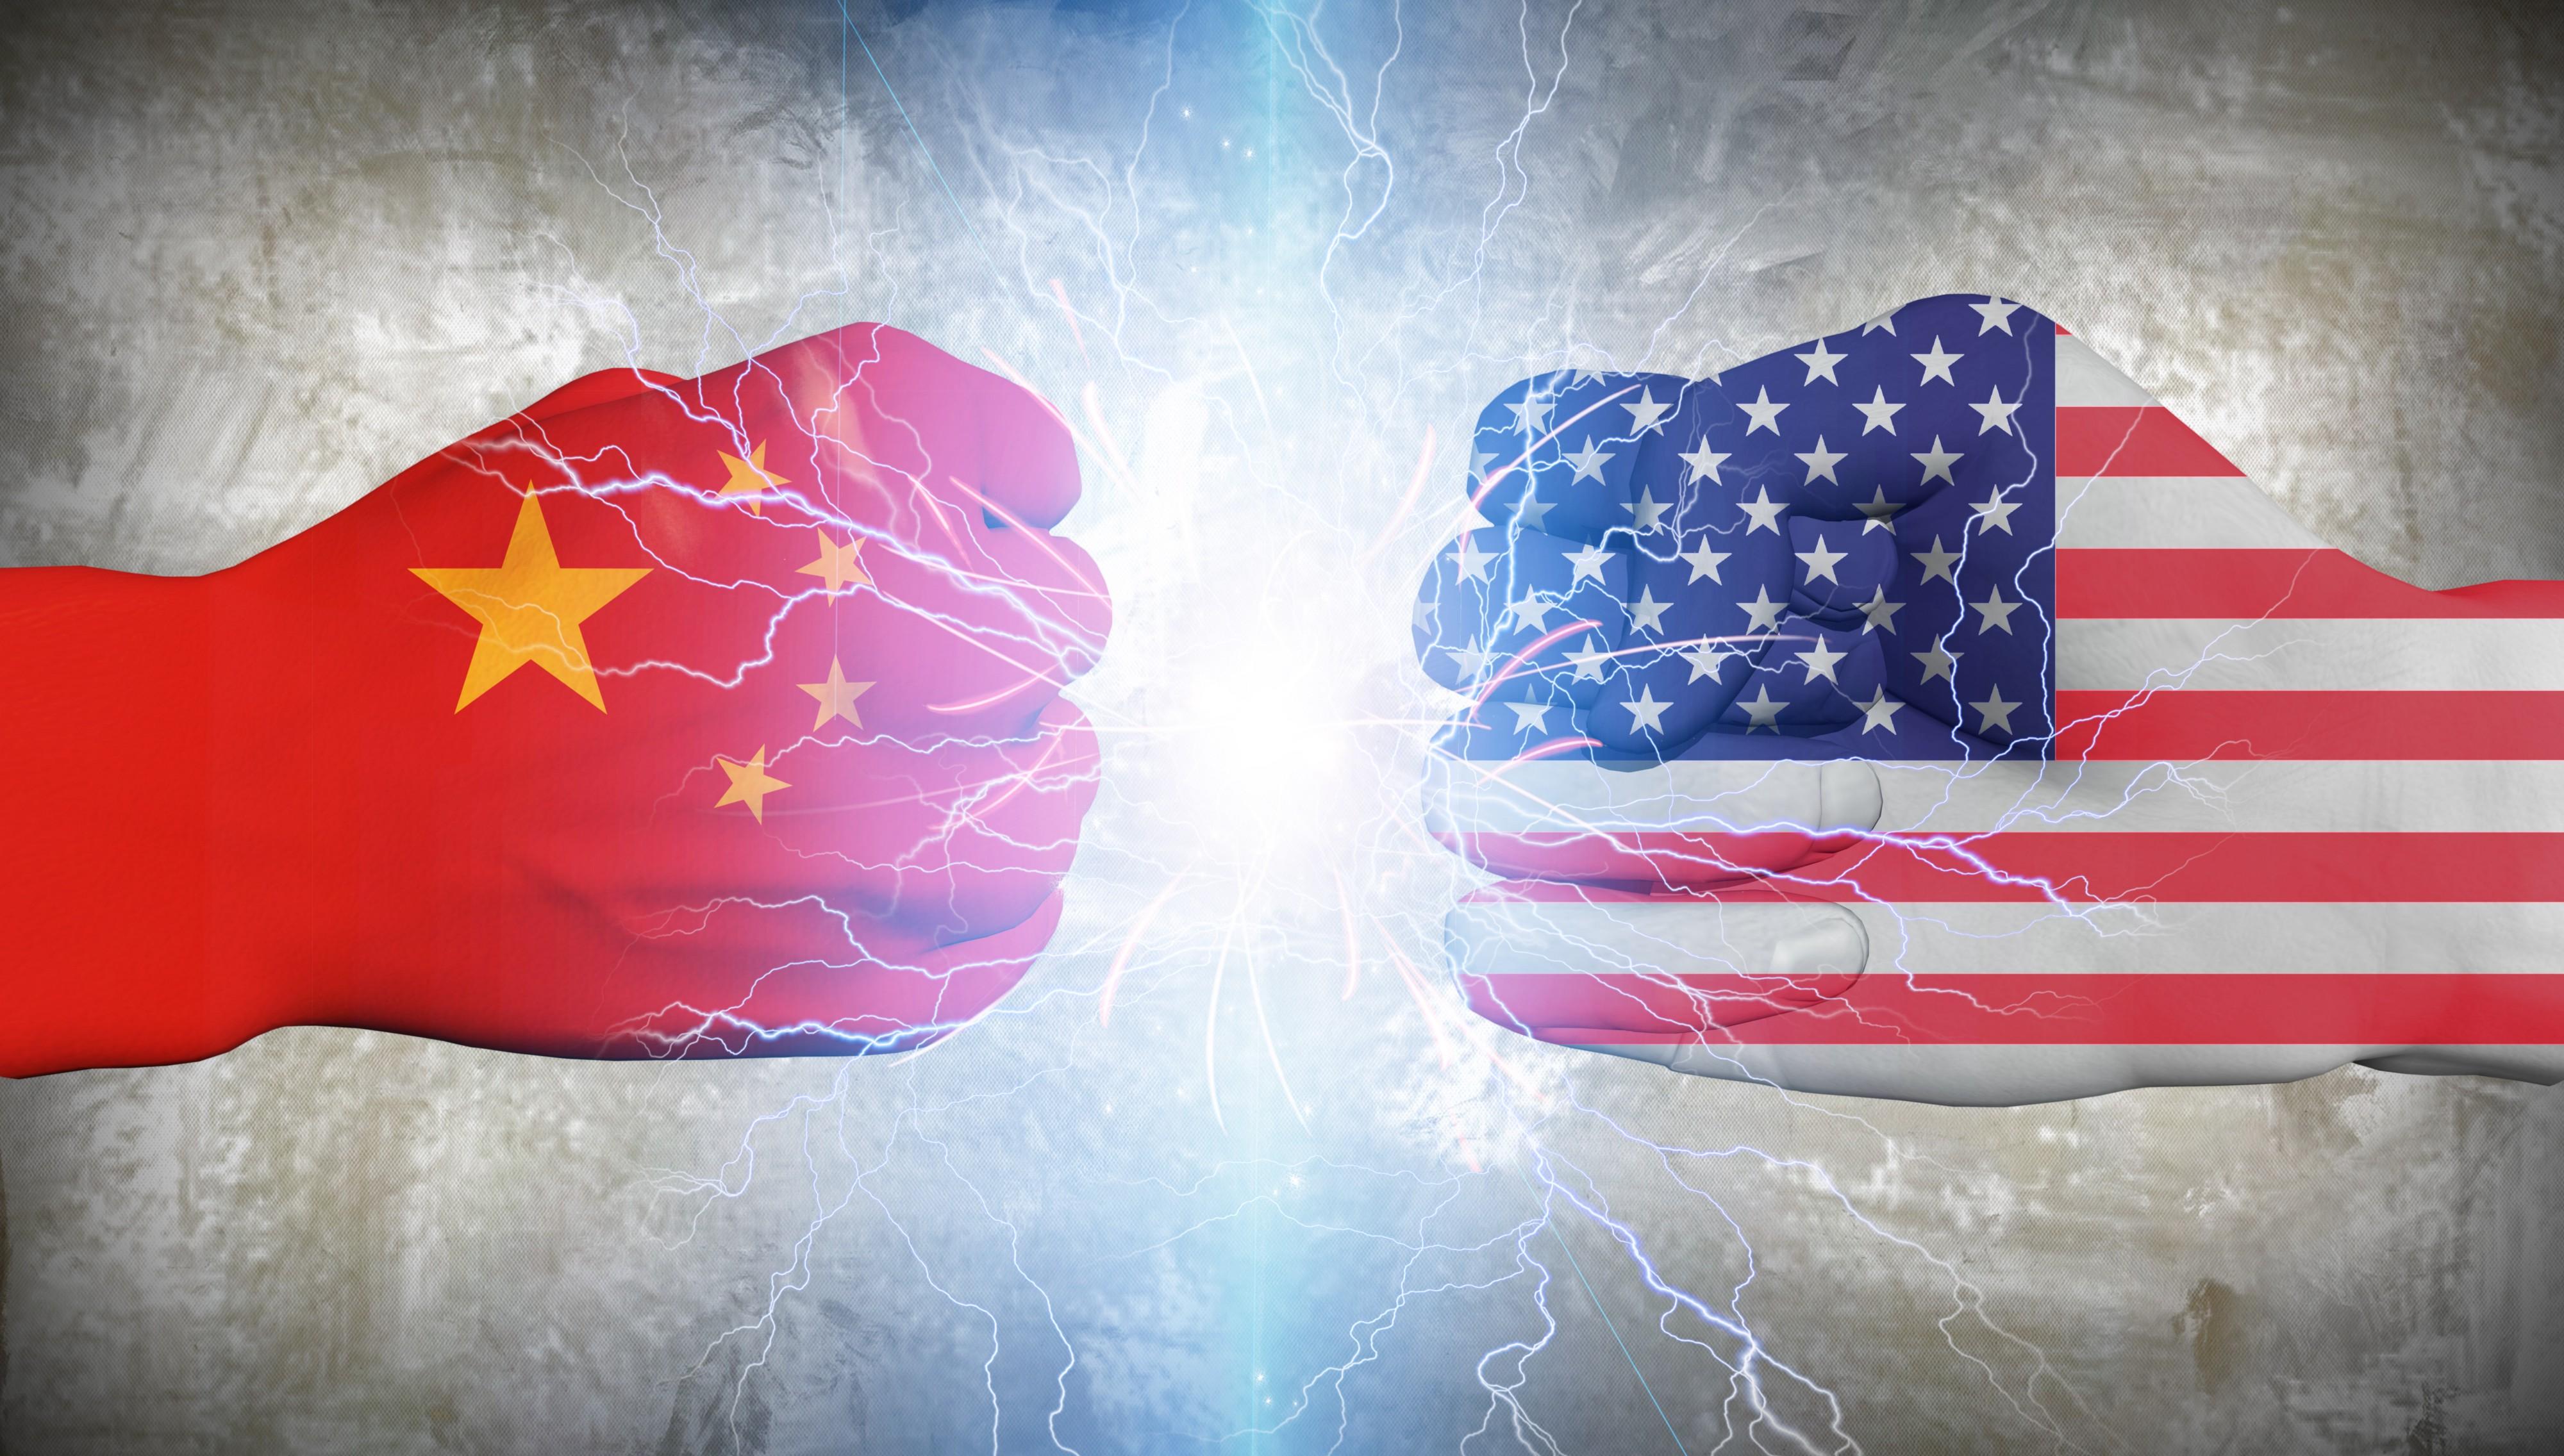 Mỹ thêm 23 công ty Trung Quốc vào danh sách đen, Bắc Kinh đáp trả 'đàn áp vô lý'